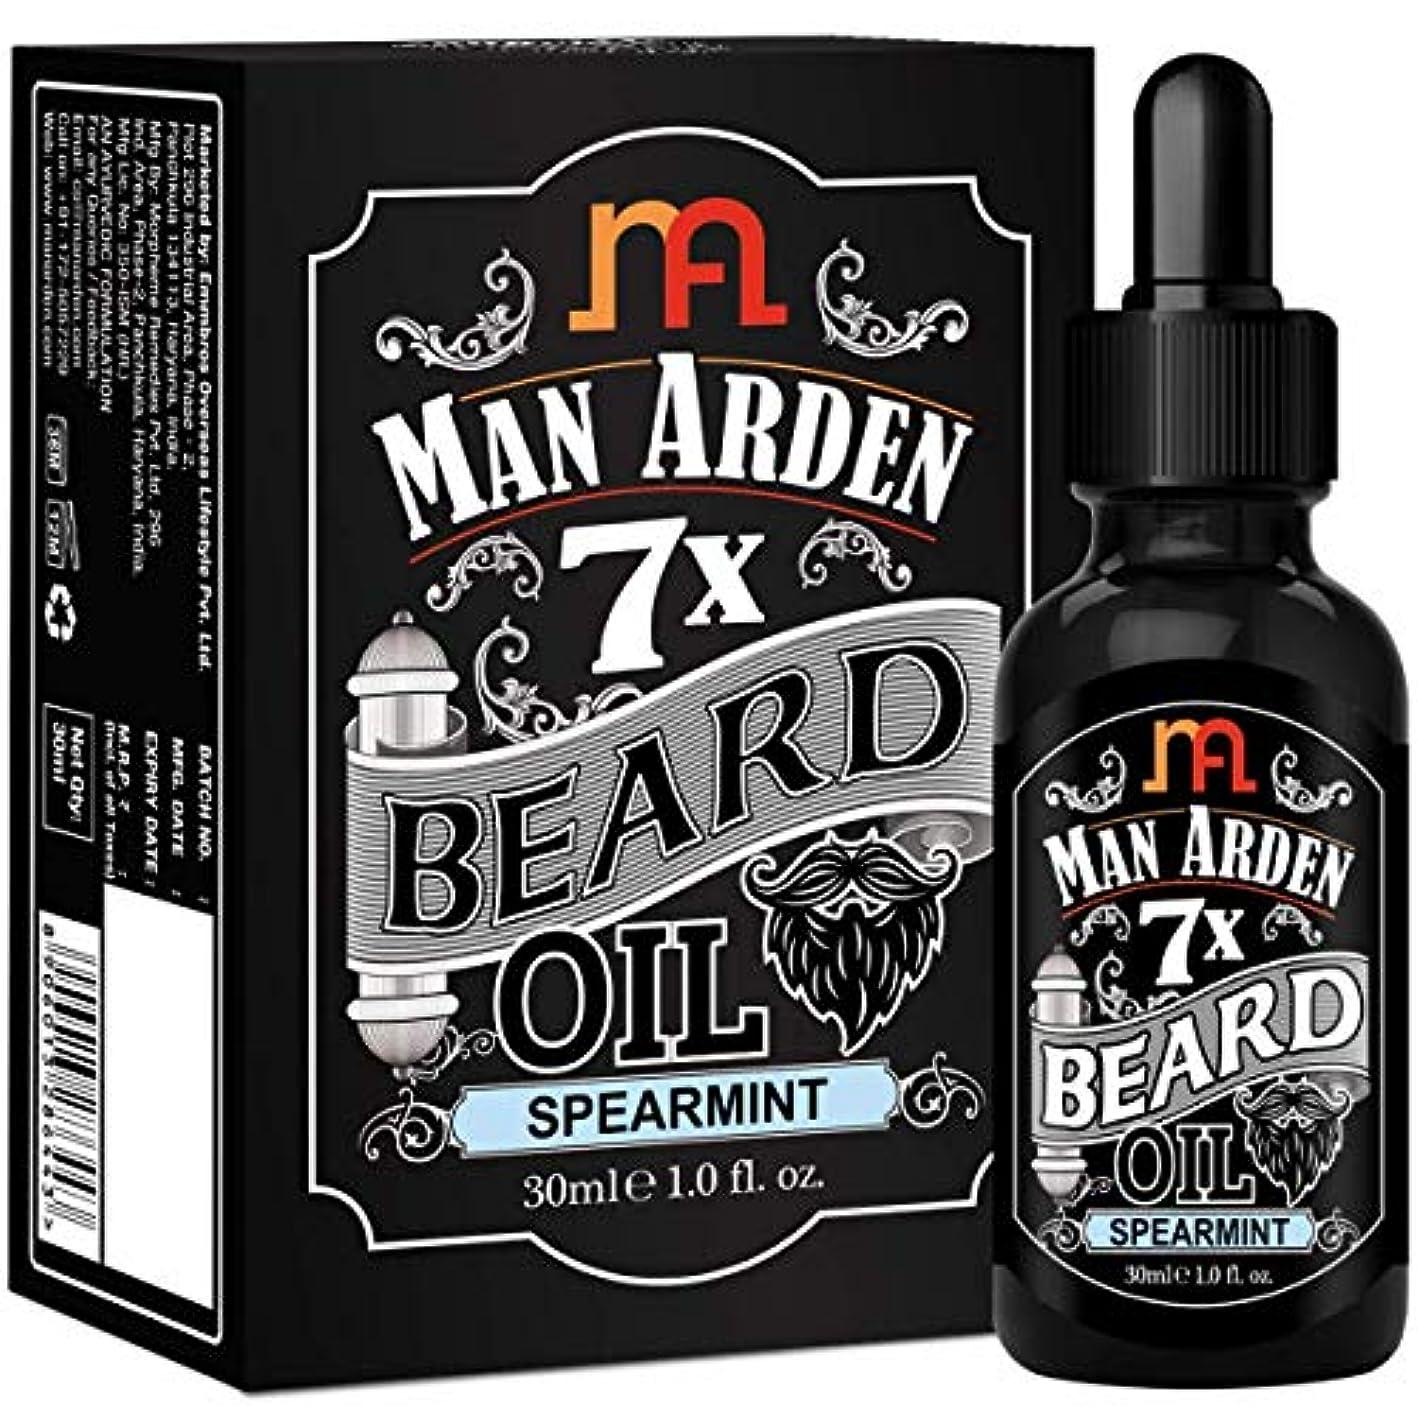 浮く吐くキリスト教Man Arden 7X Beard Oil 30ml (Spearmint) - 7 Premium Oils For Beard Growth & Nourishment